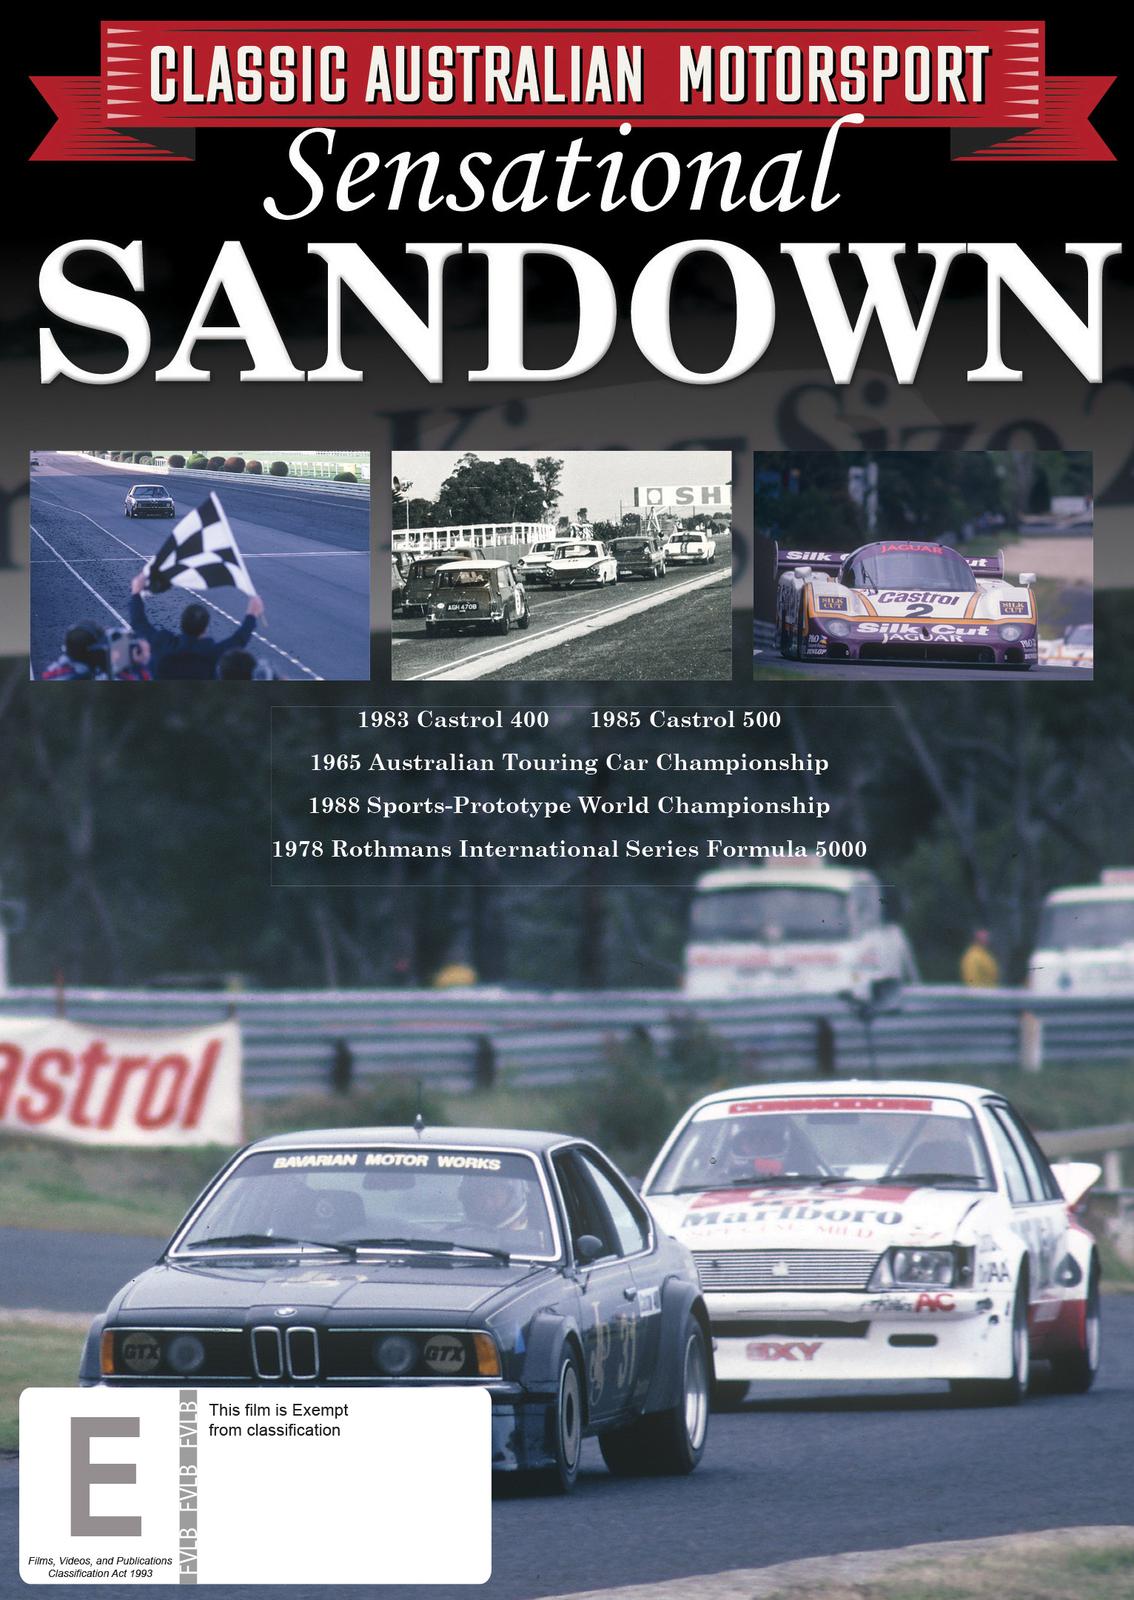 Classic Aussie Motorsport: Sensational Sandown